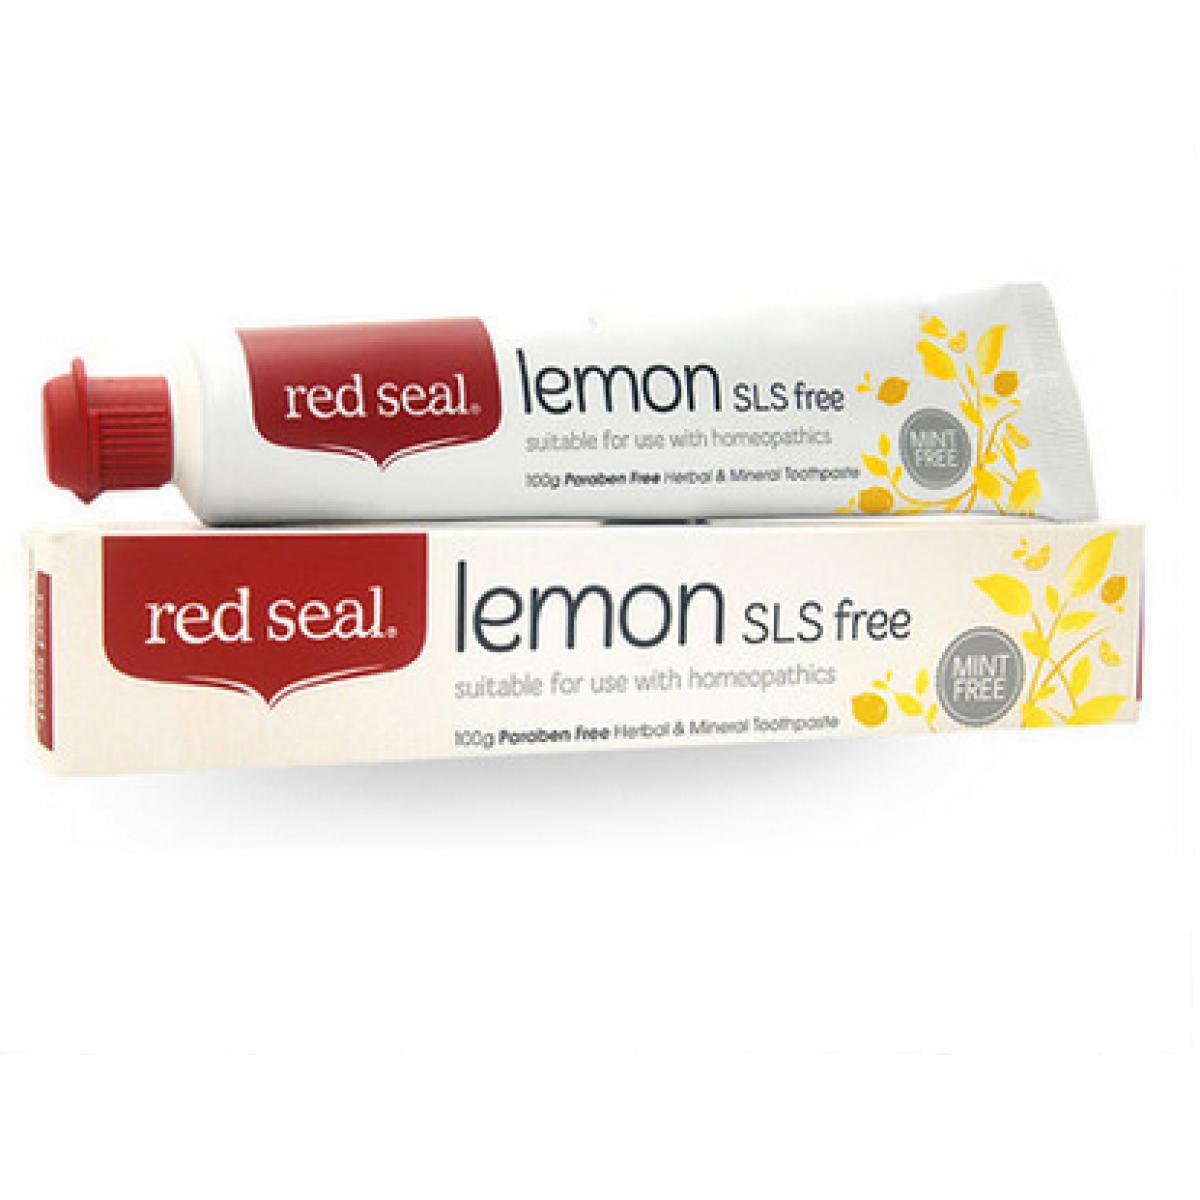 紅印天然檸檬牙膏